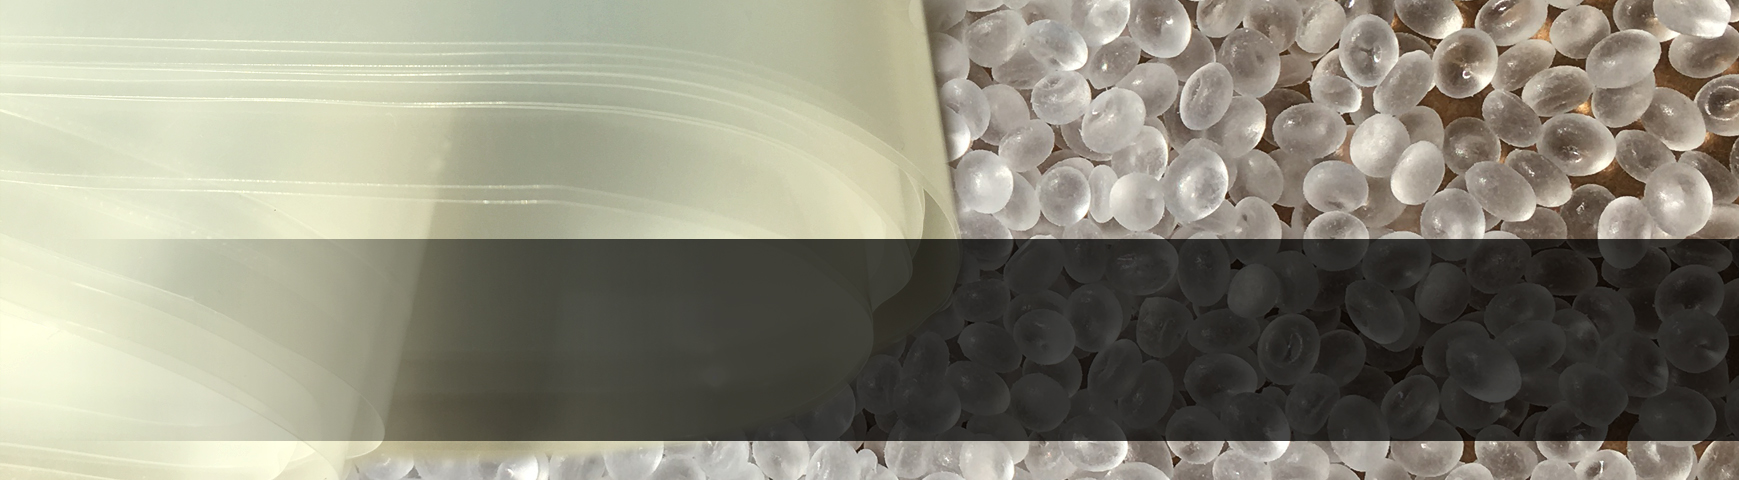 Гламур пластика    в Kao-Chia     Kao-Chia создает высококачественные пластиковые изделия - акриловый лист, лист GPPS, полиэтиленовую пленку / пакет.  Отличное качество Made in Taiwan и доступная цена делают Kao-Chia «Преврати пластик в золото».